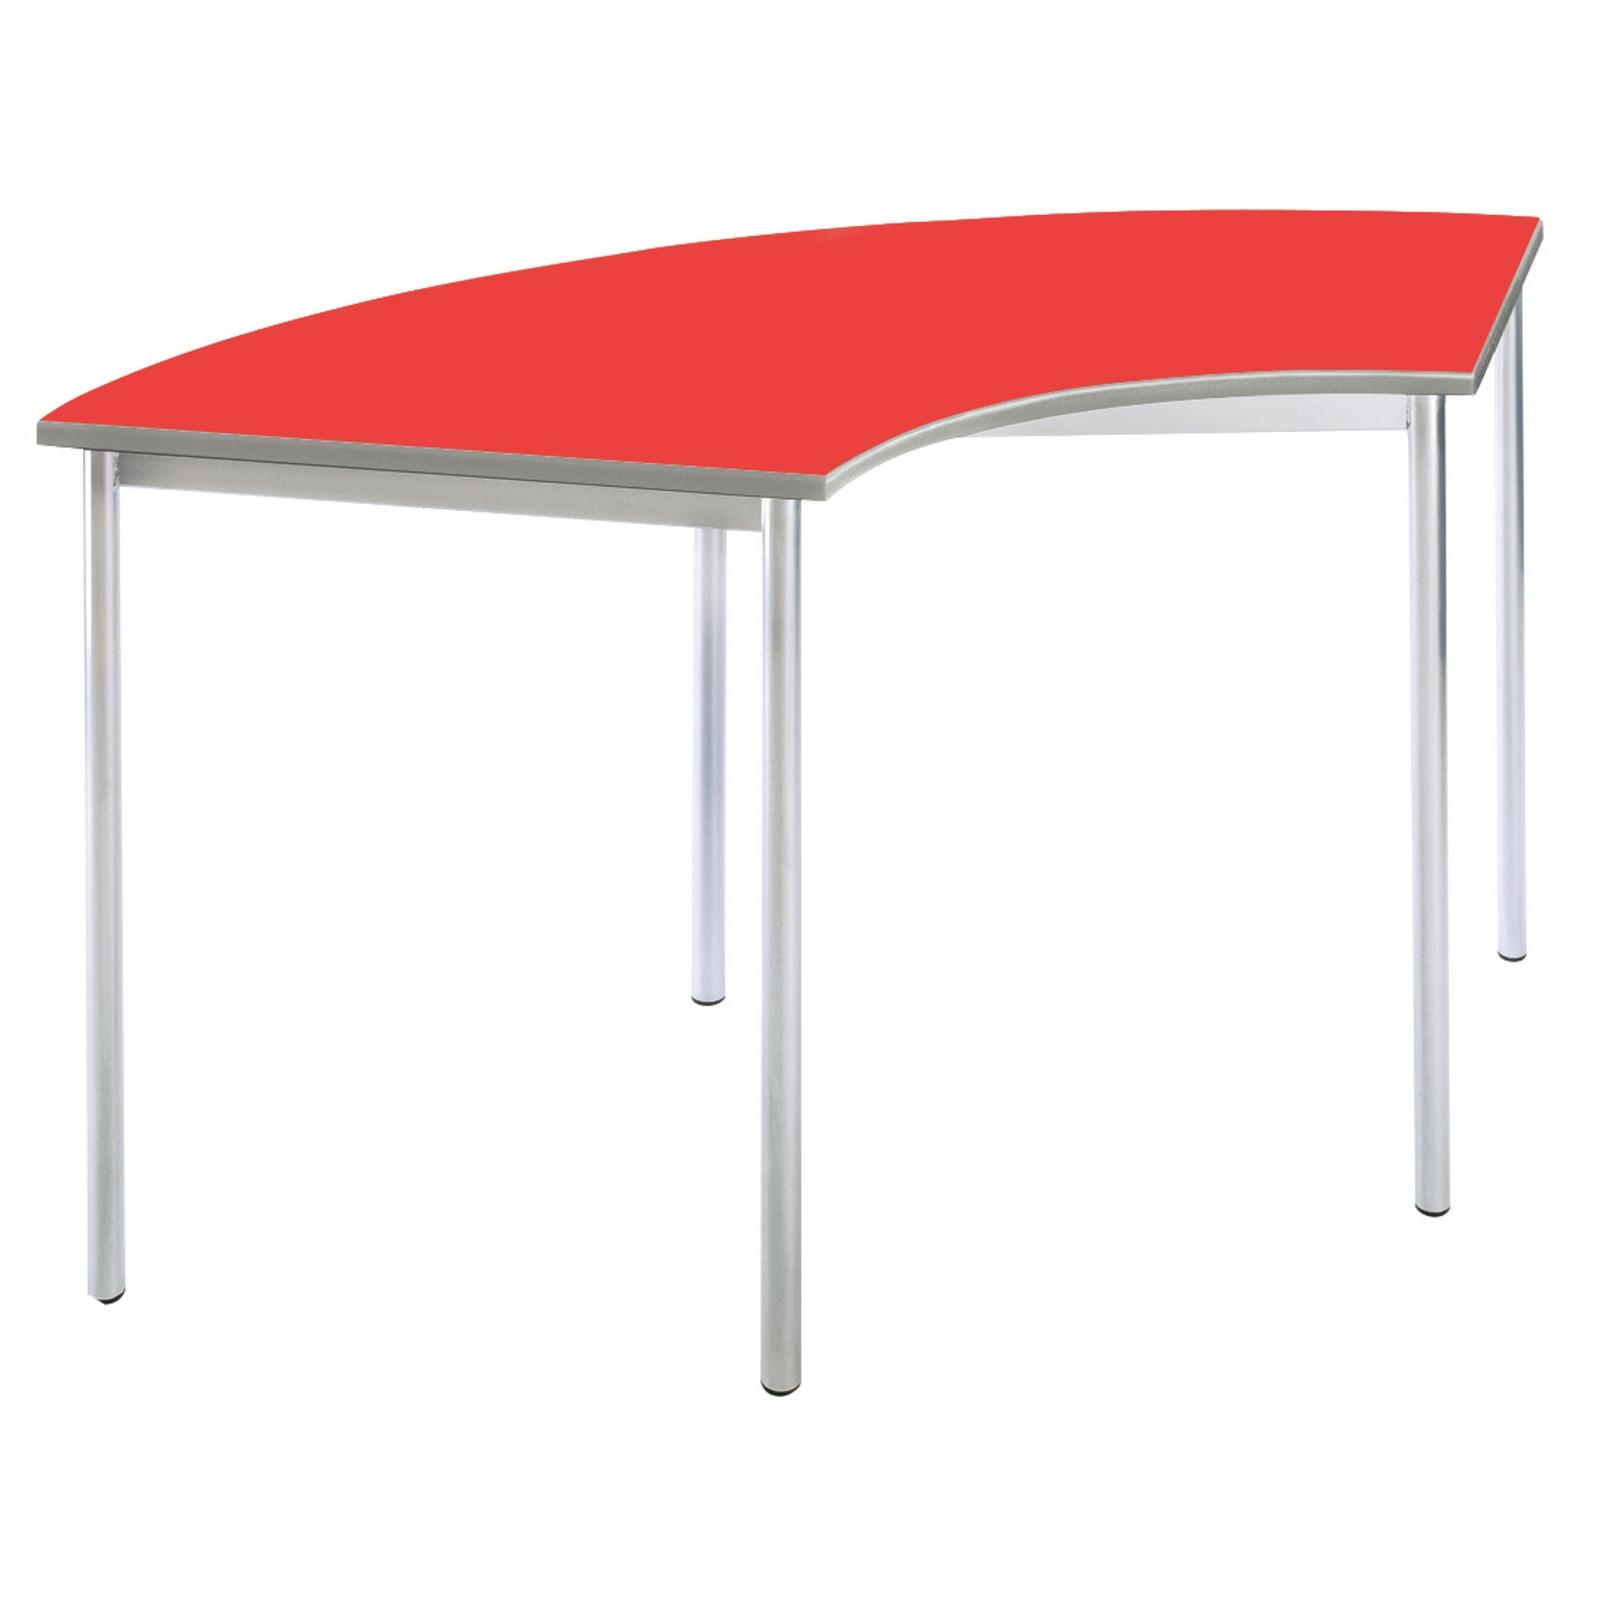 Lycee Arc 1490x460 W Lg Red